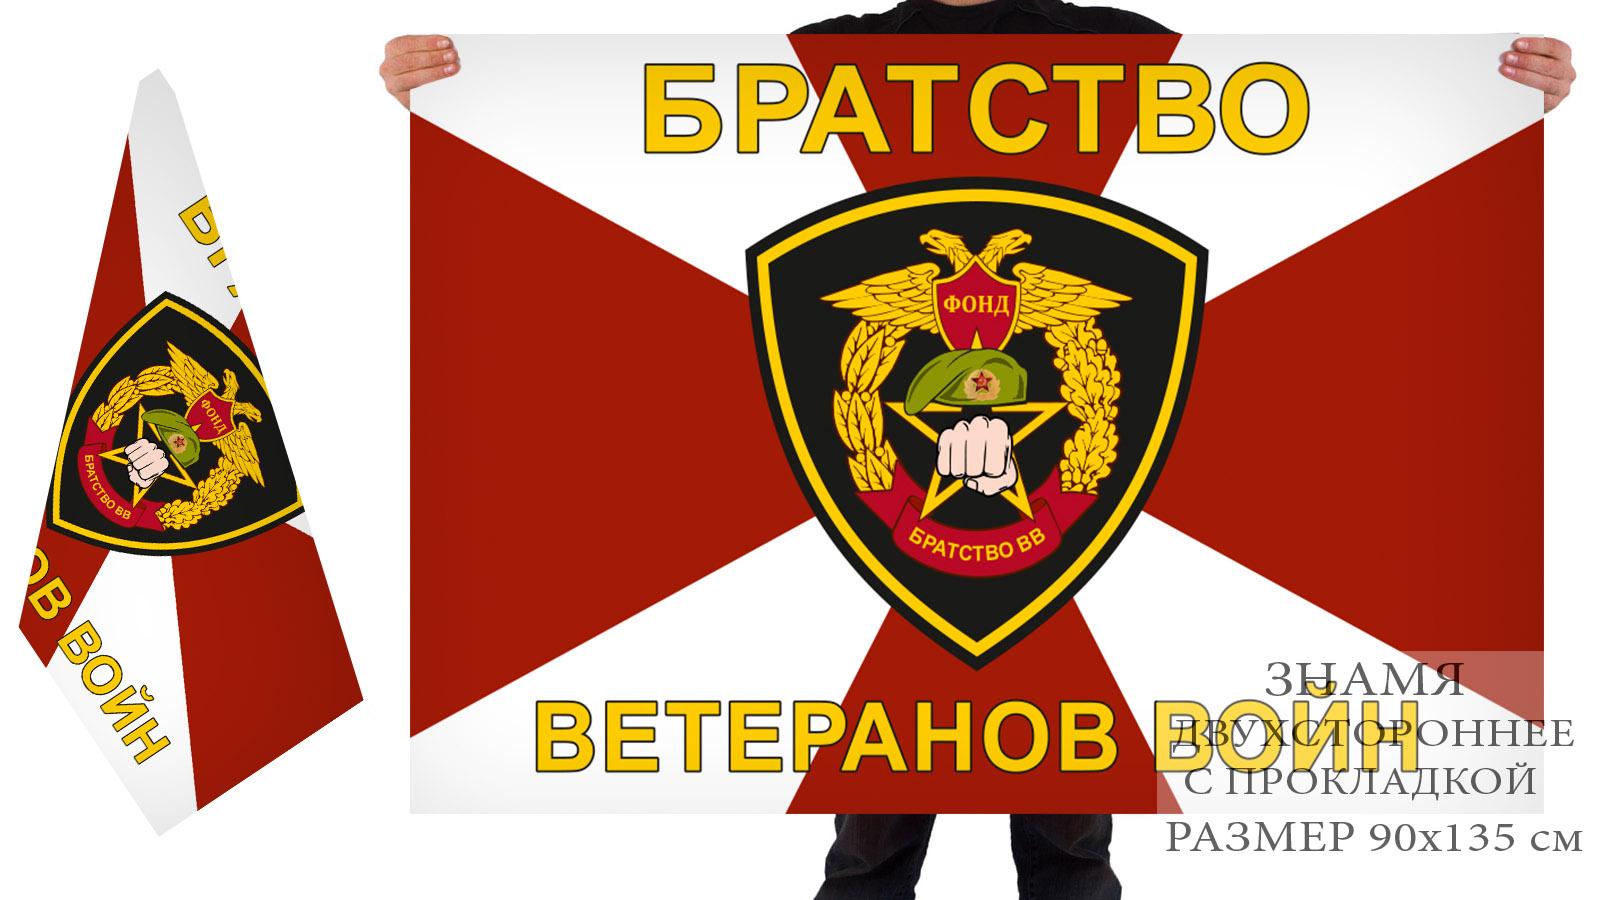 Двусторонний флаг братства ветеранов войн ВВ